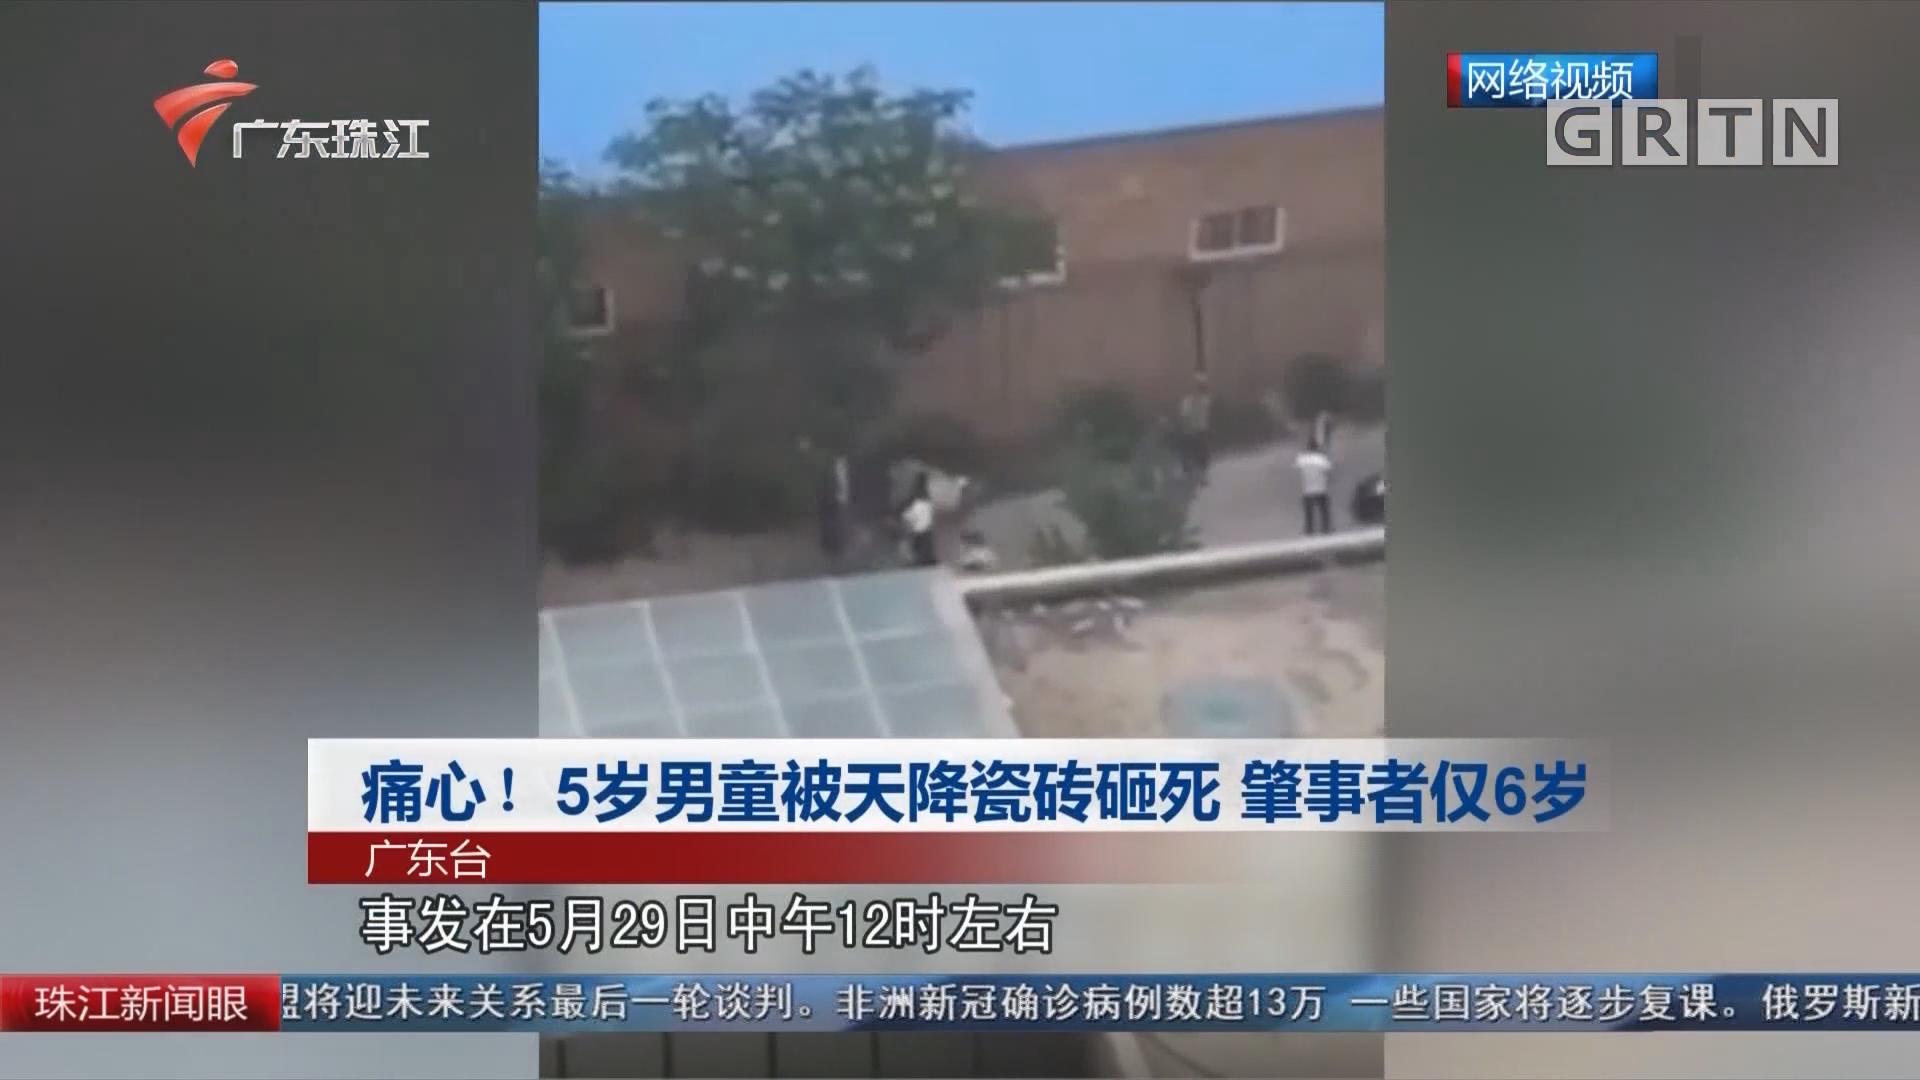 痛心!5歲男童被天降瓷磚砸死 肇事者僅6歲